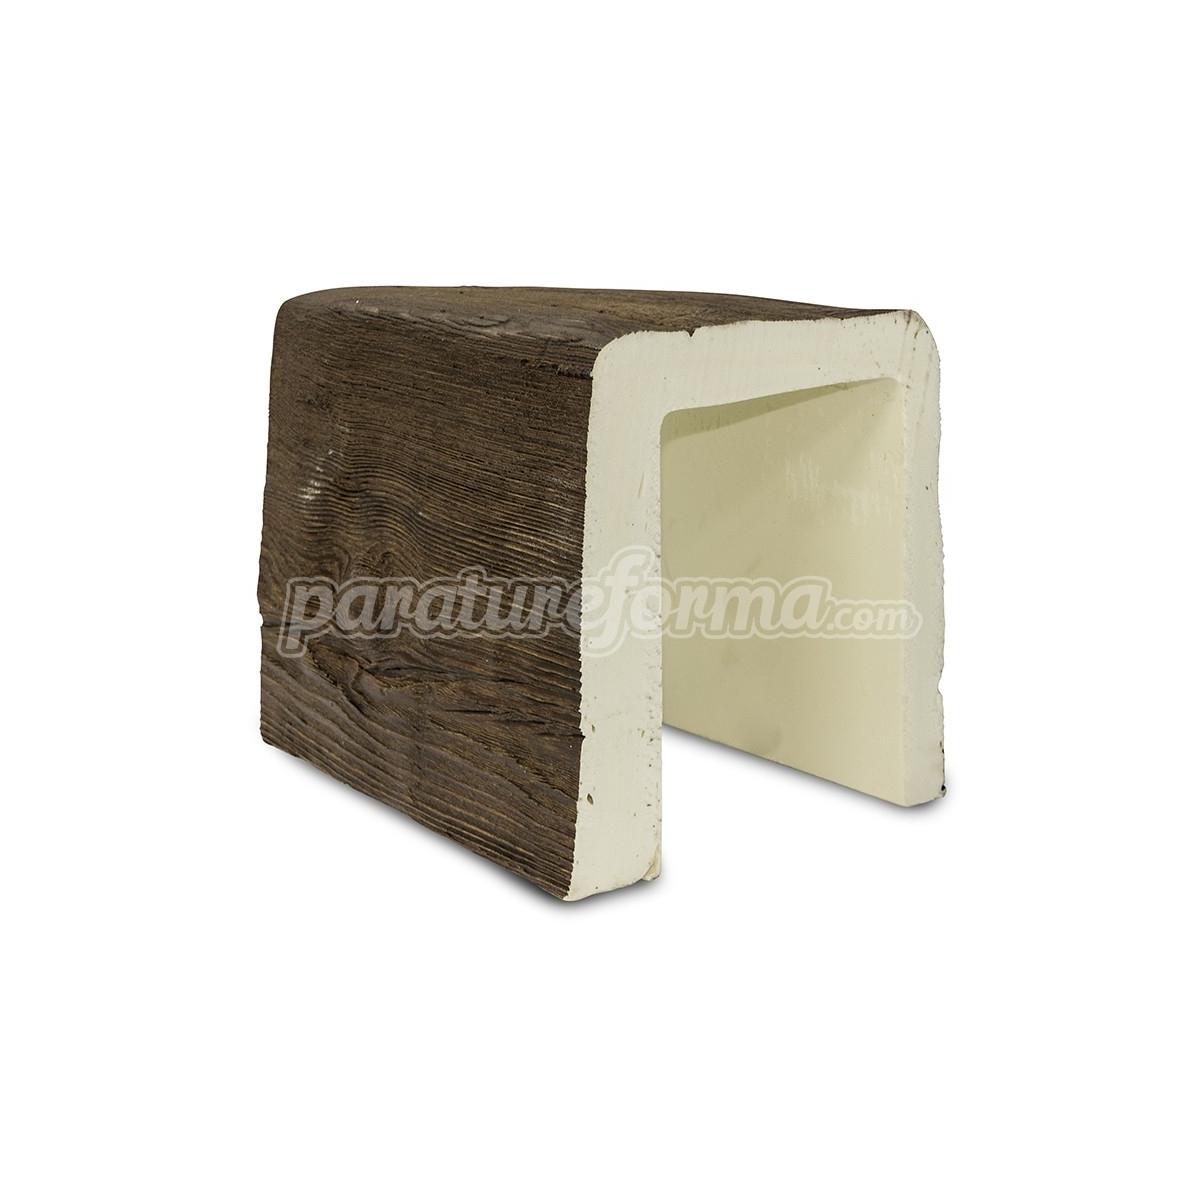 Viga 300x18x23 imitación madera Vigas imitación madera cuadradas